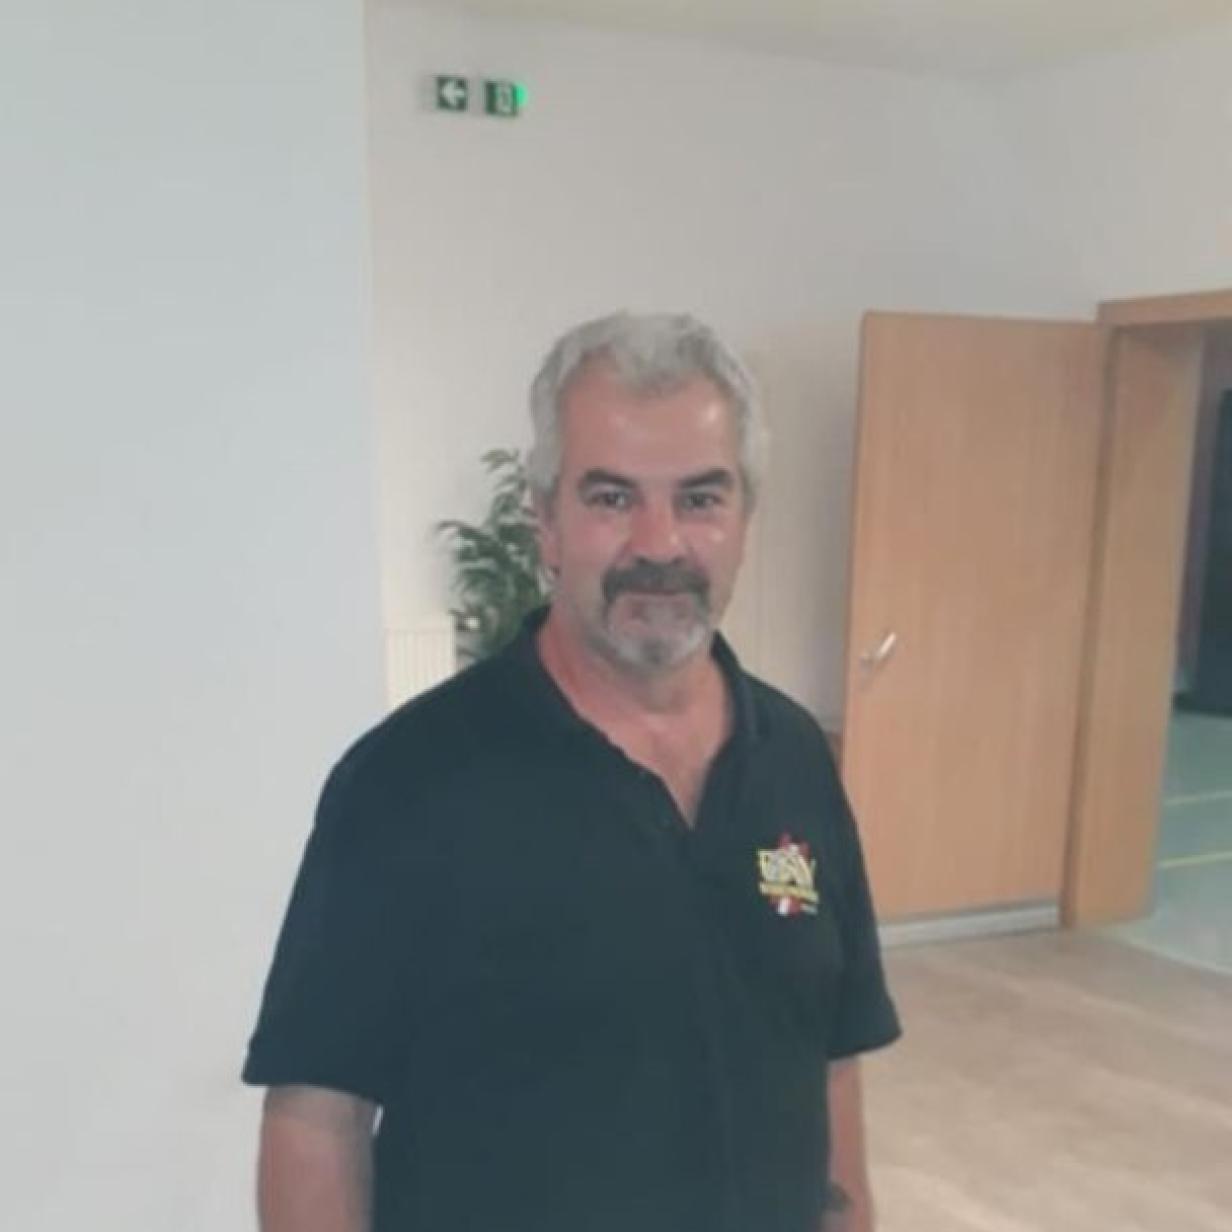 Partnersuche in Bad Ischl - Kontaktanzeigen - 50plus-Treff